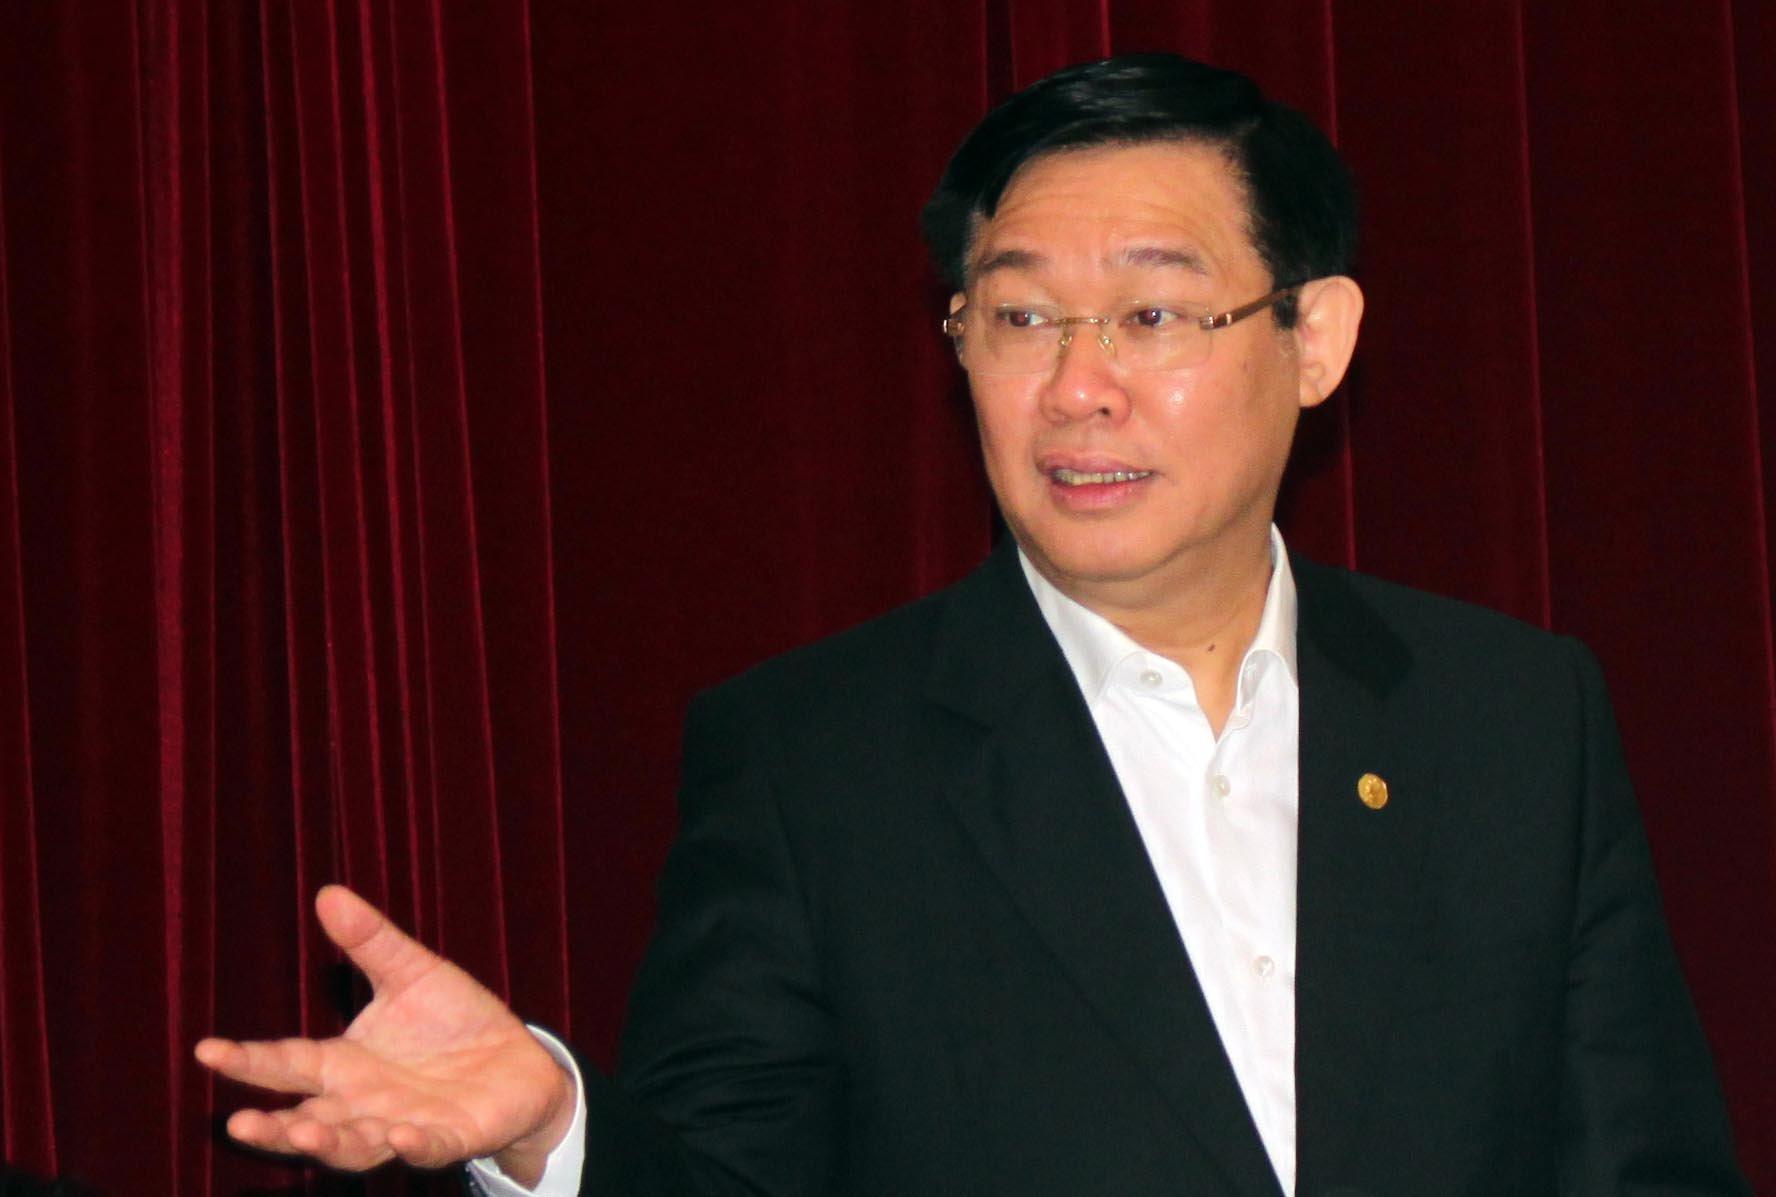 Phó Thủ tướng Vương Đình Huệ, Trưởng Ban chỉ đạo TƯ về cải cách chính sách tiền lương, BHXH và ưu đãi người có công. Ảnh: Thành Chung